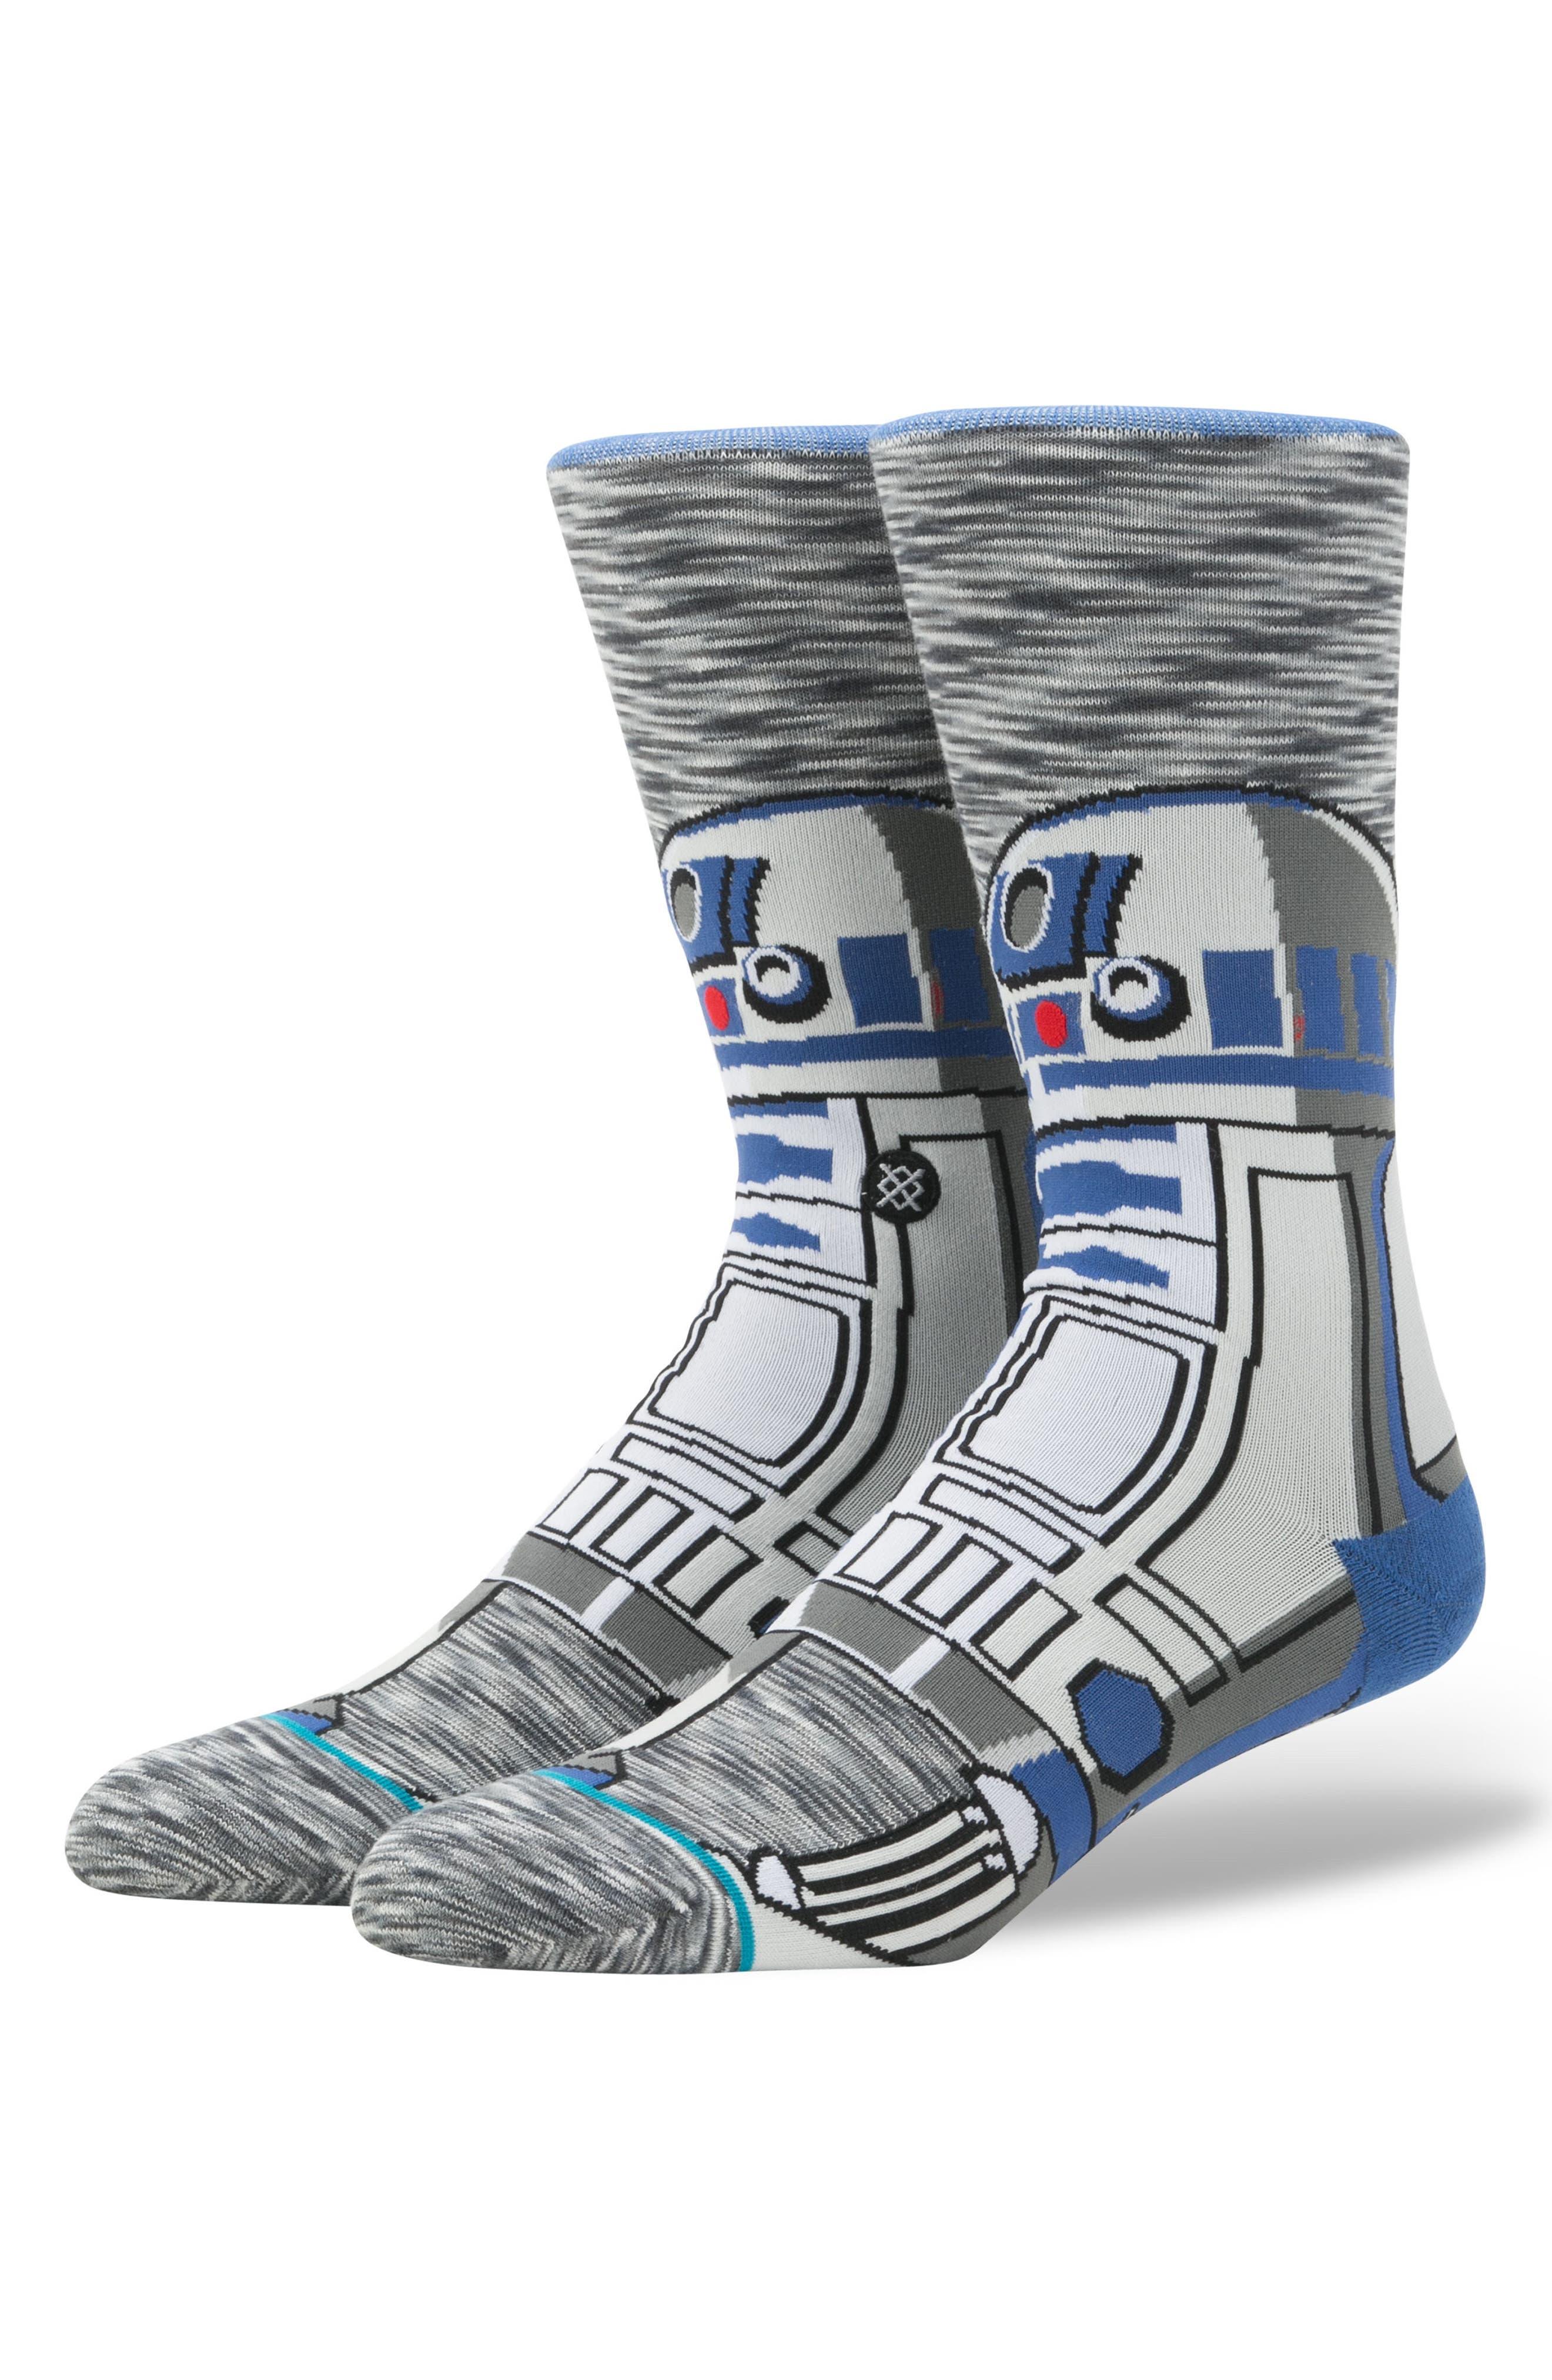 Star Wars<sup>™</sup> - R2D2 Socks,                             Main thumbnail 1, color,                             Grey